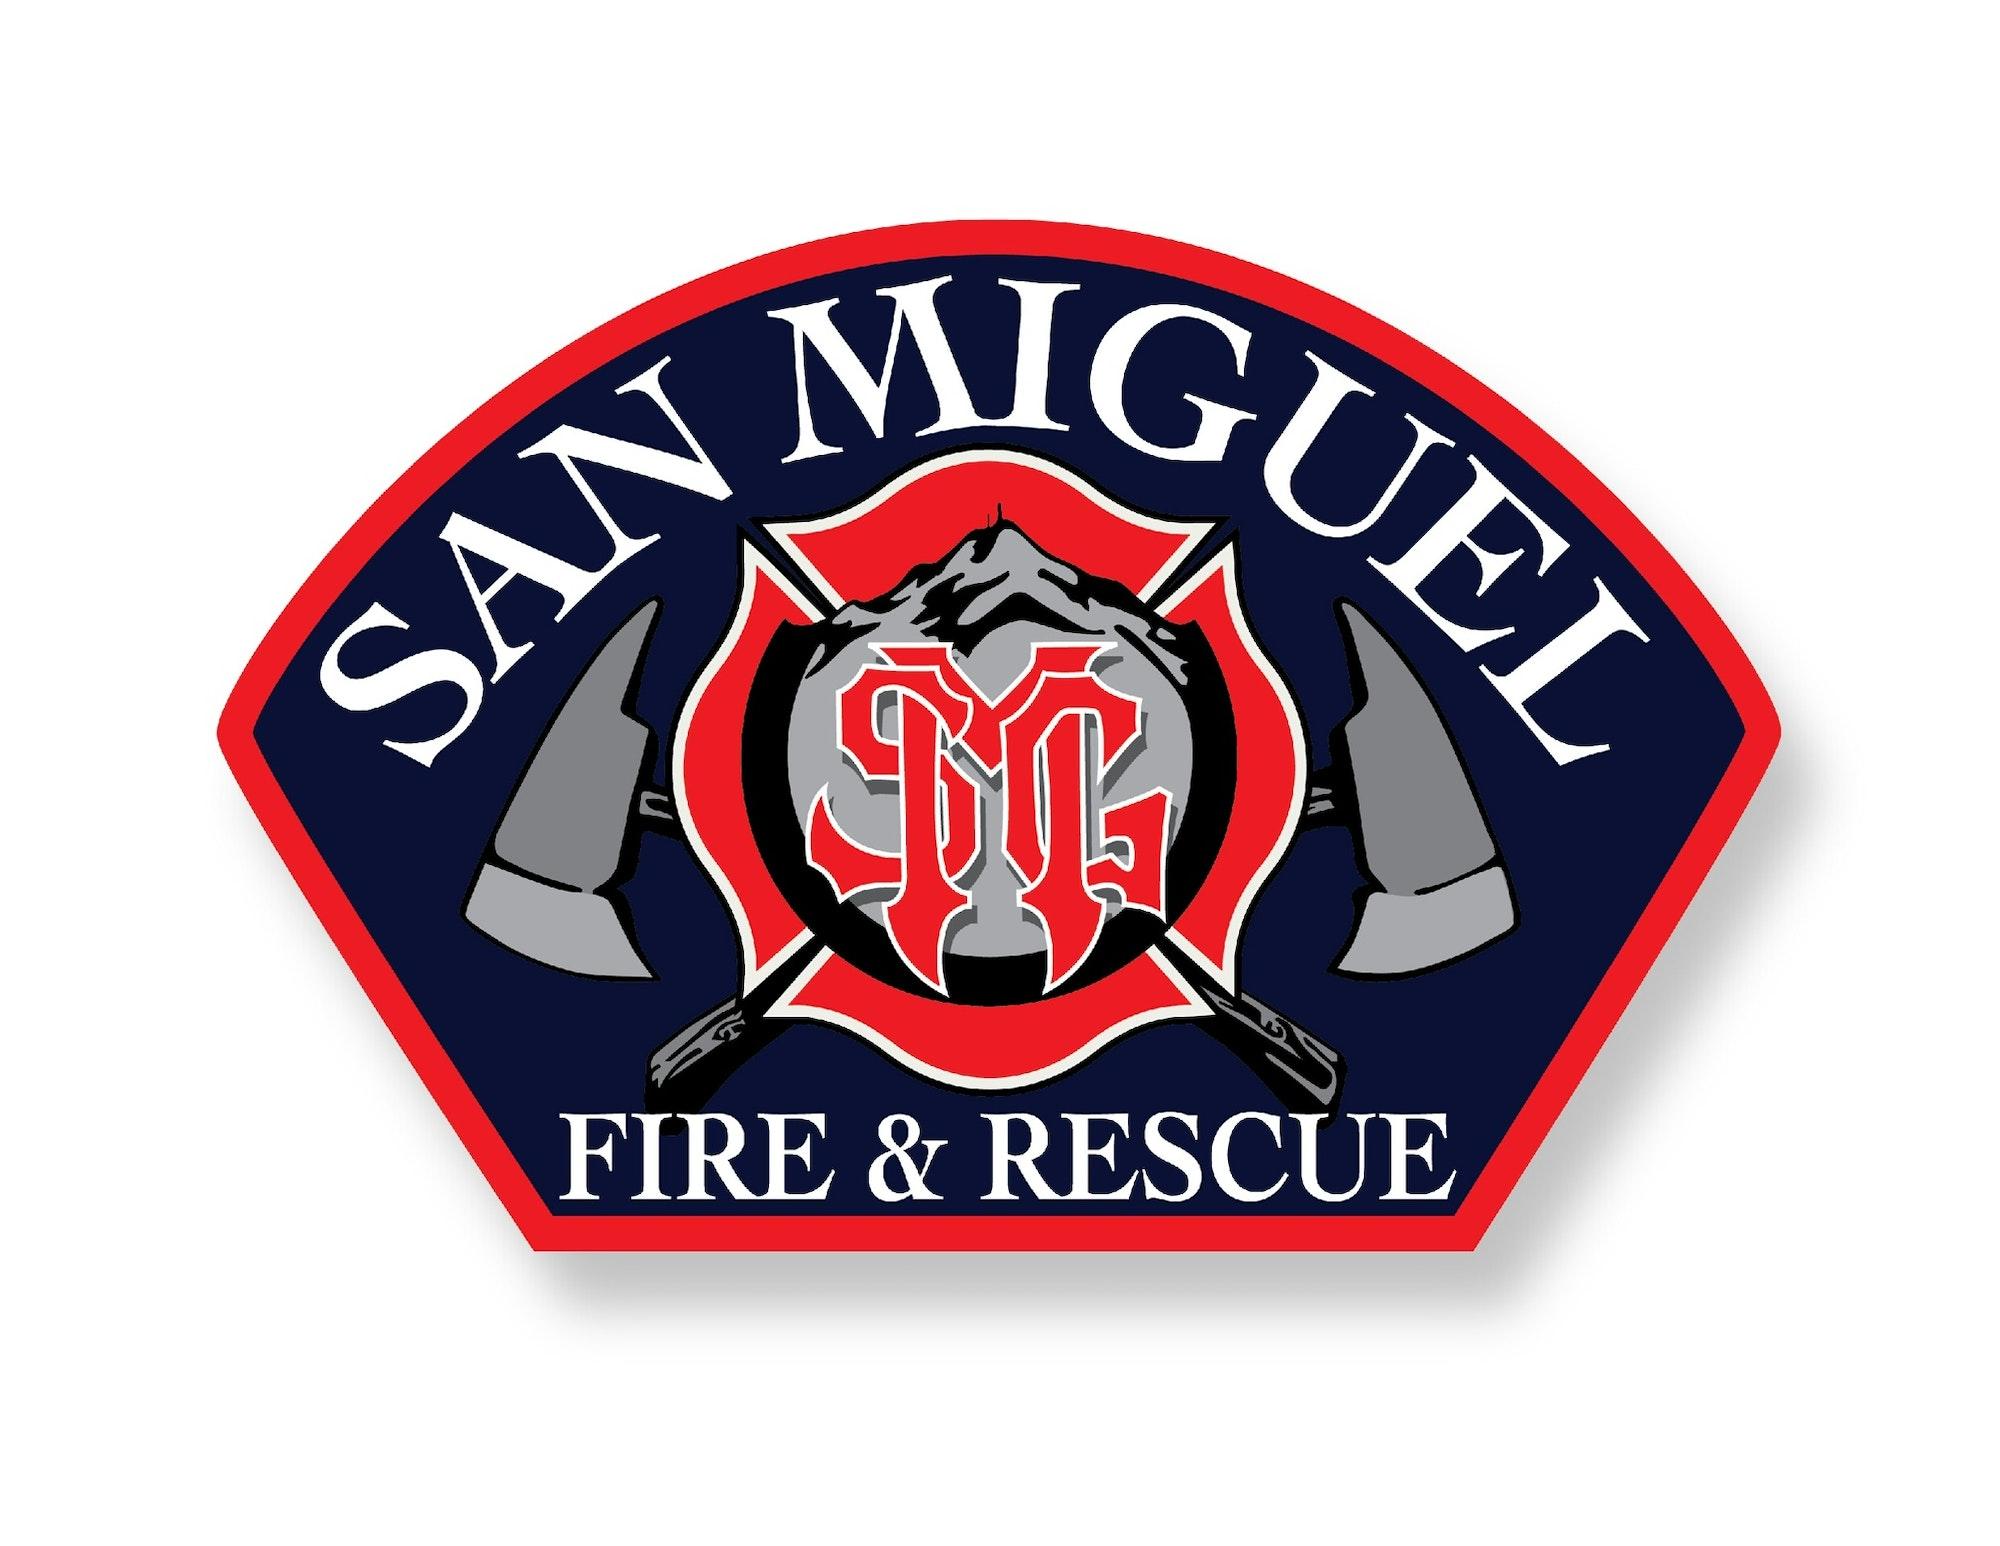 San Miguel Fire & Rescue shoulder patch